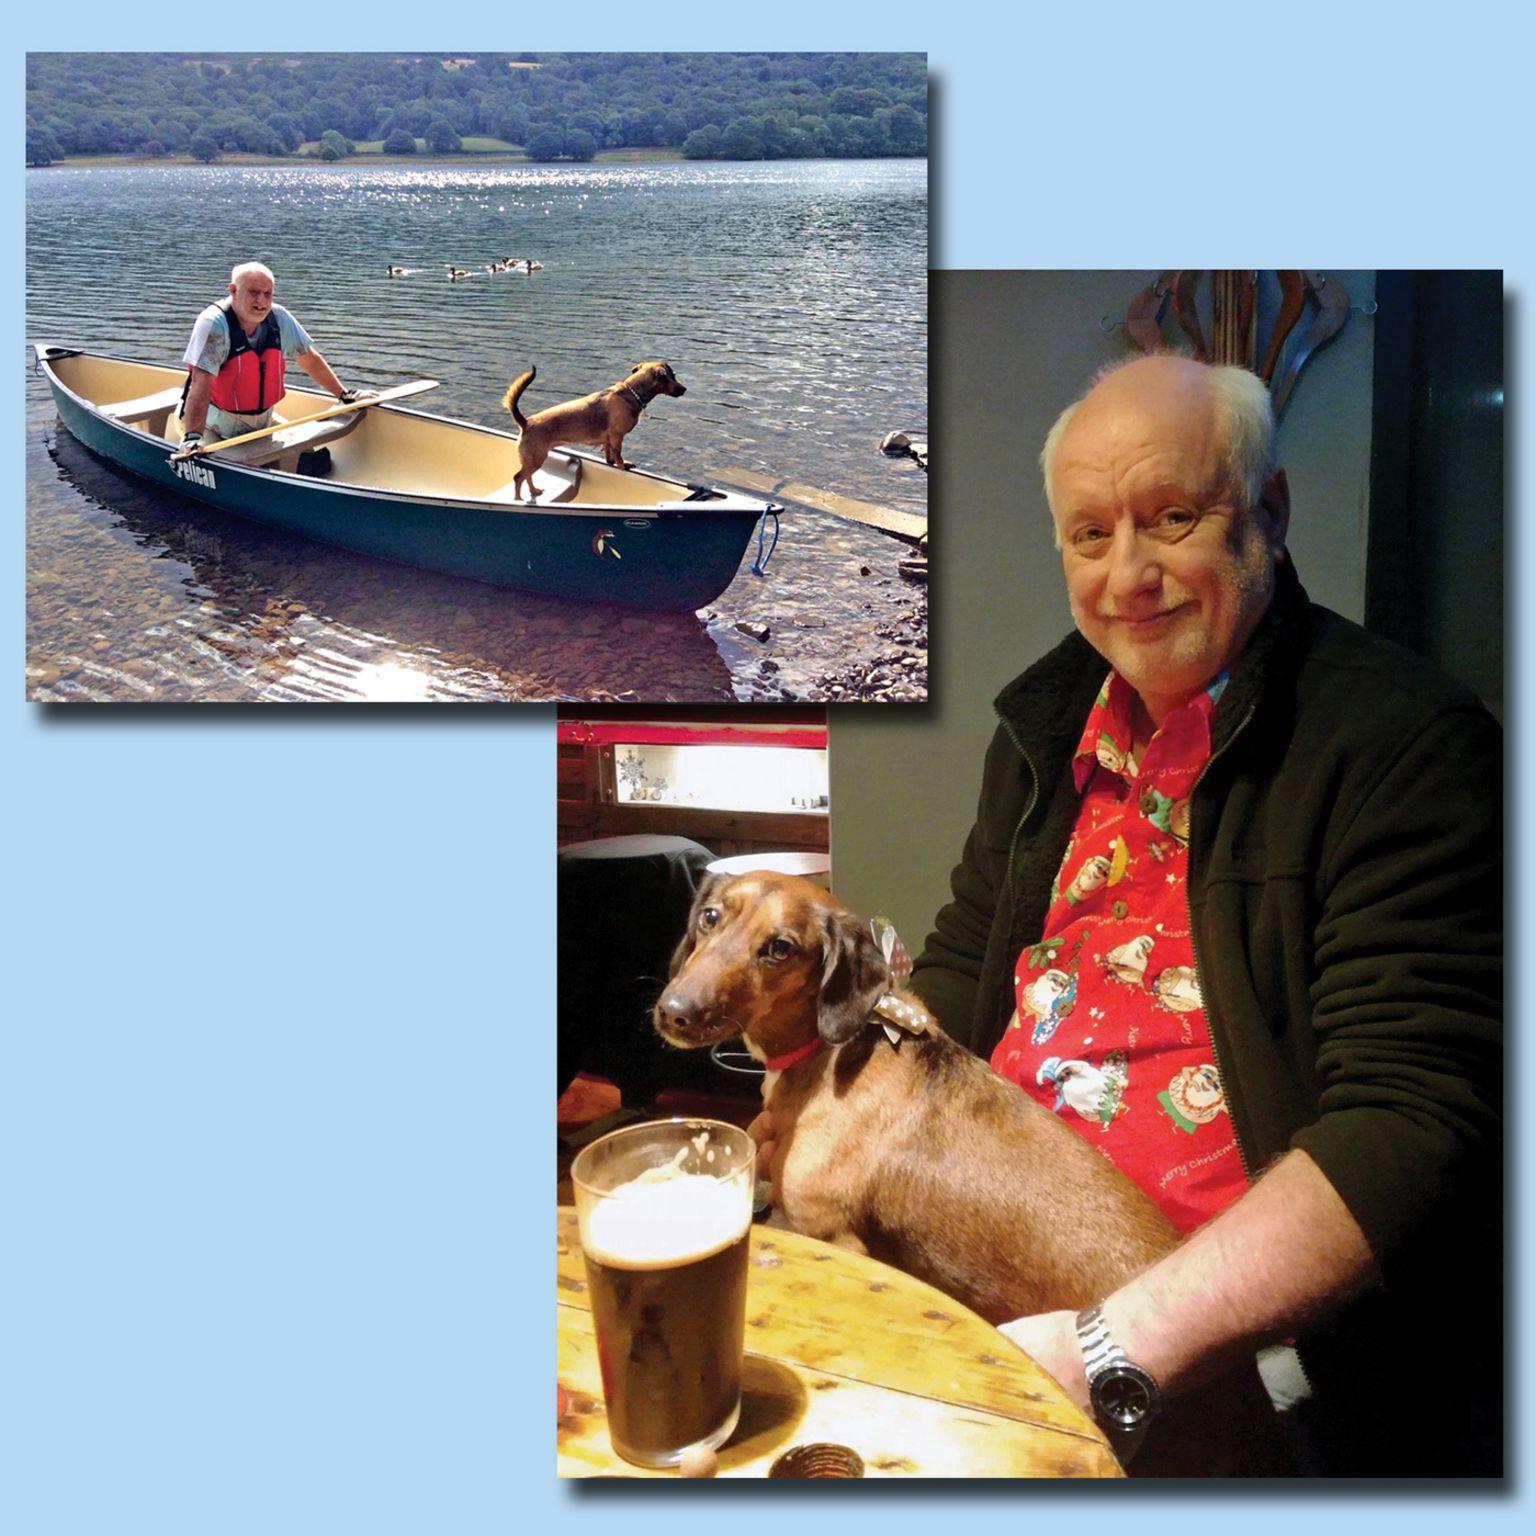 Harry with Daisy the dachshund